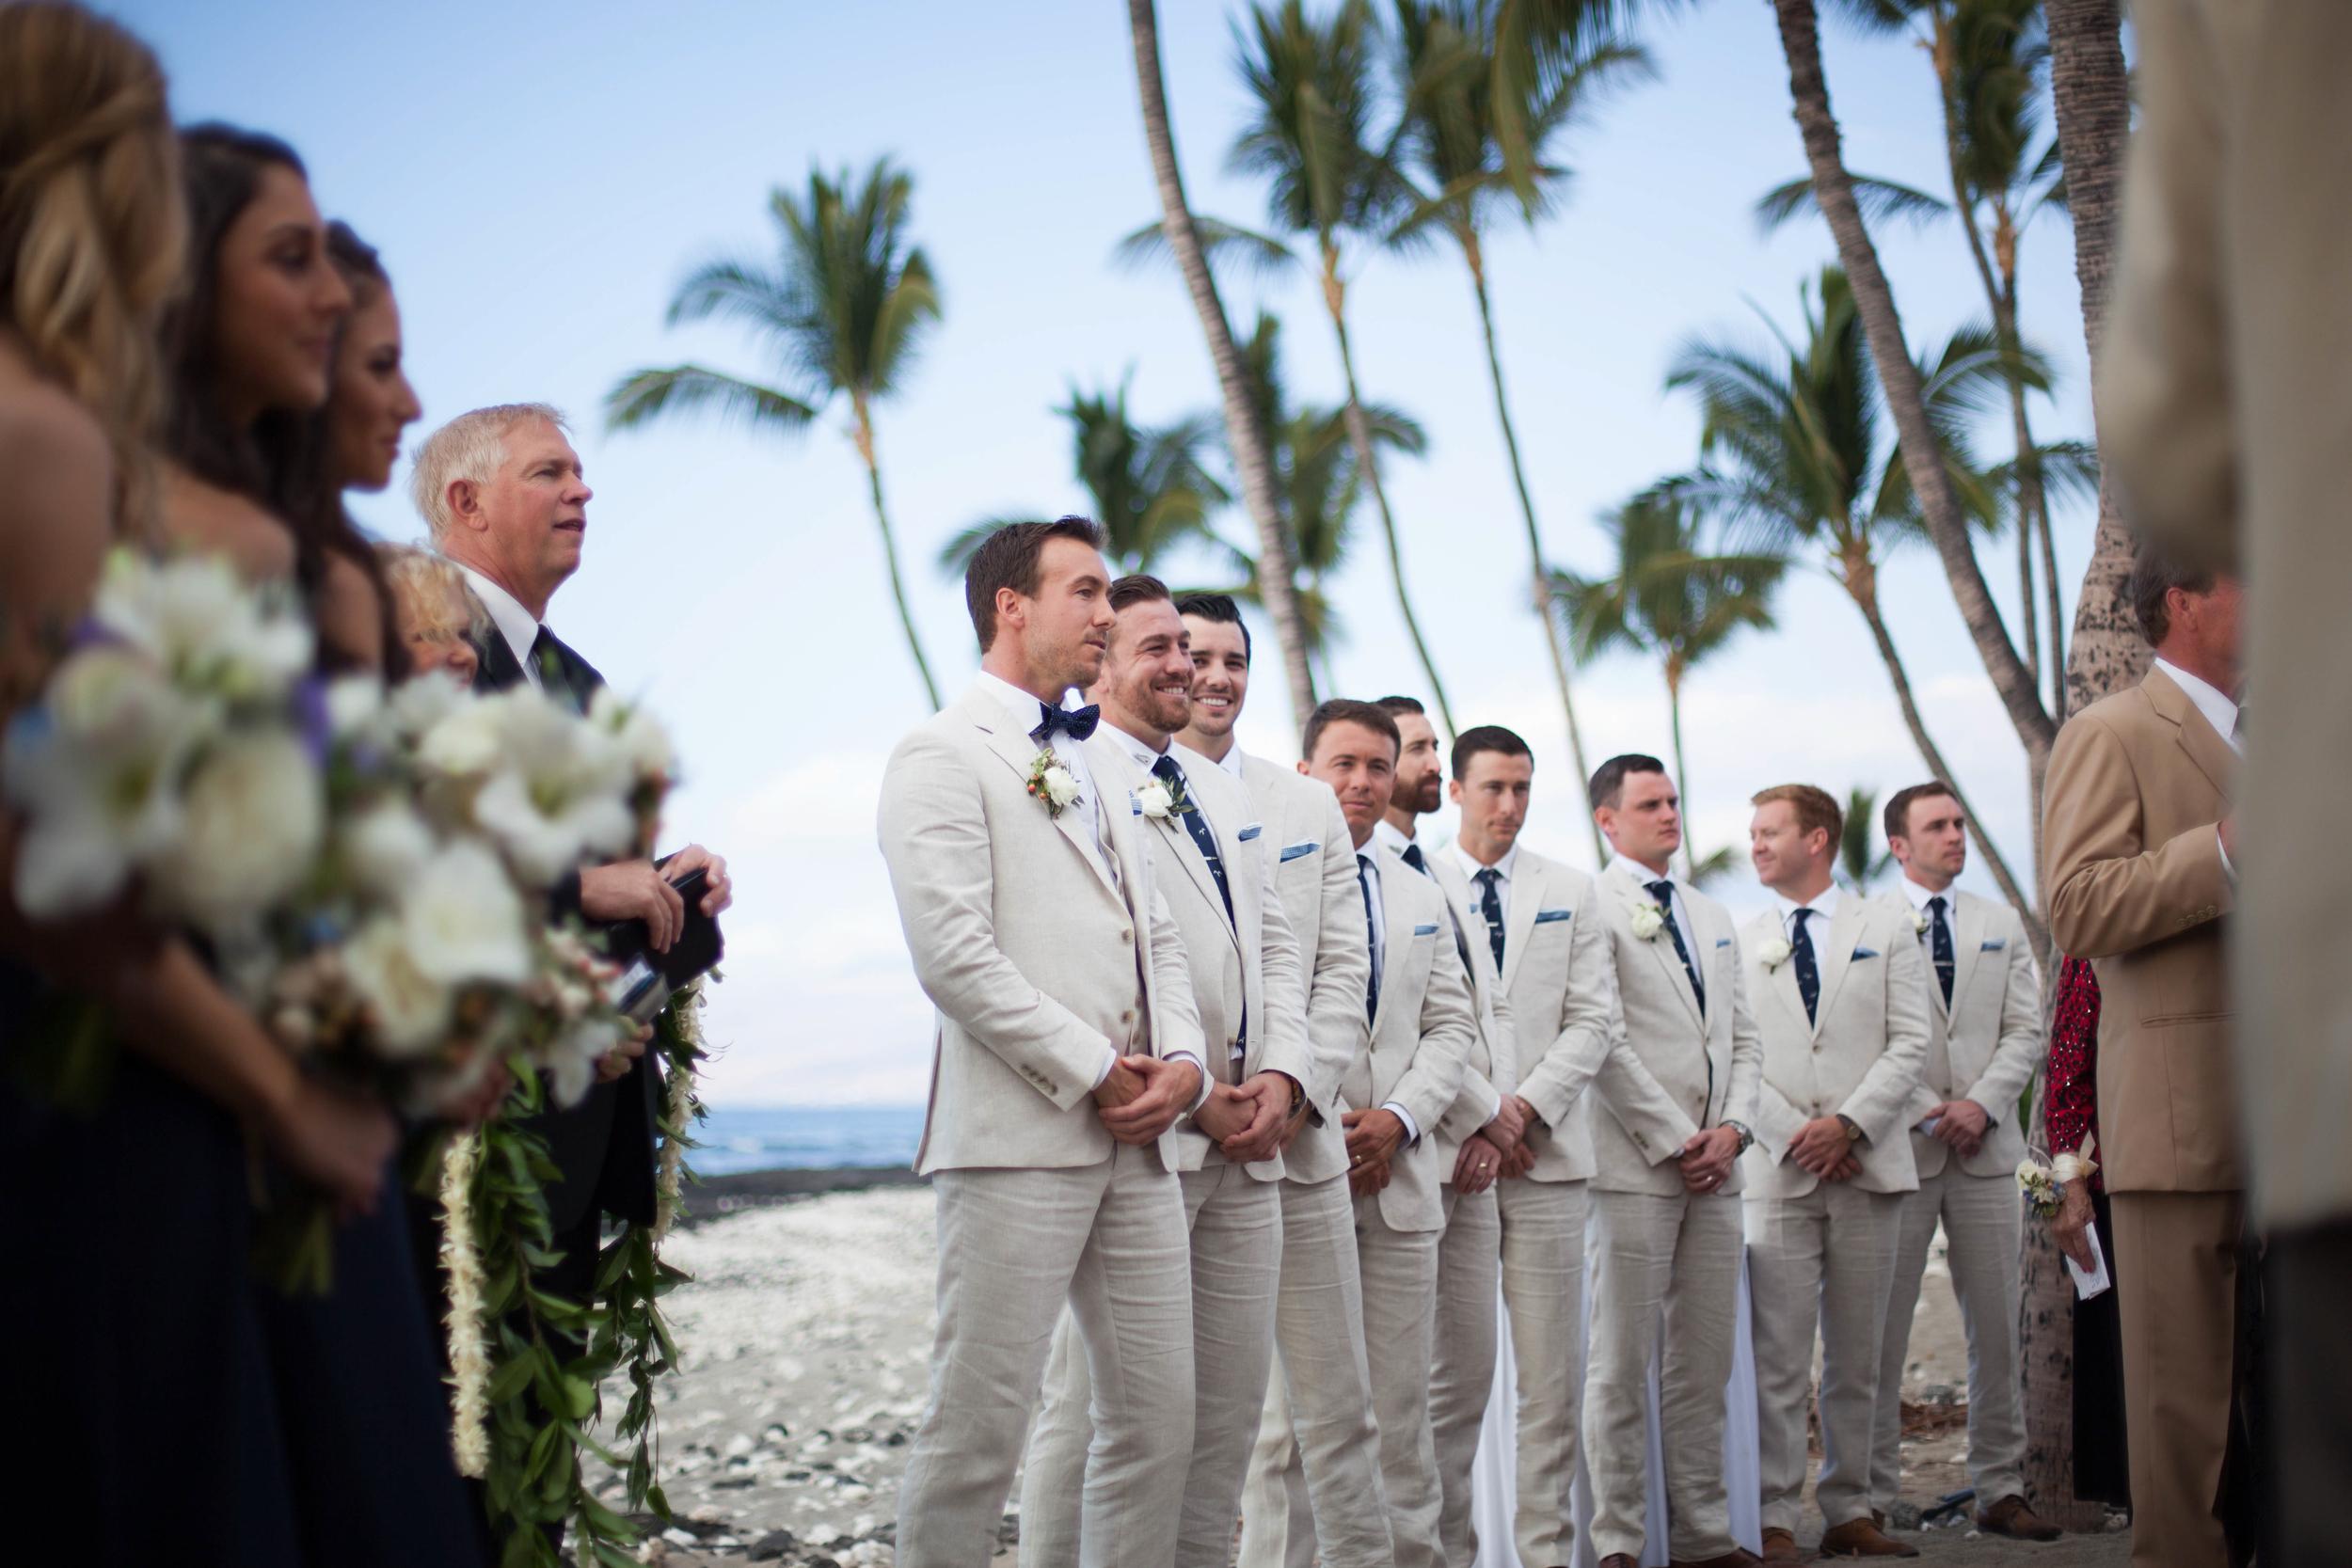 big island hawaii mauna lani resort wedding © kelilina photography 20160131161301-1.jpg